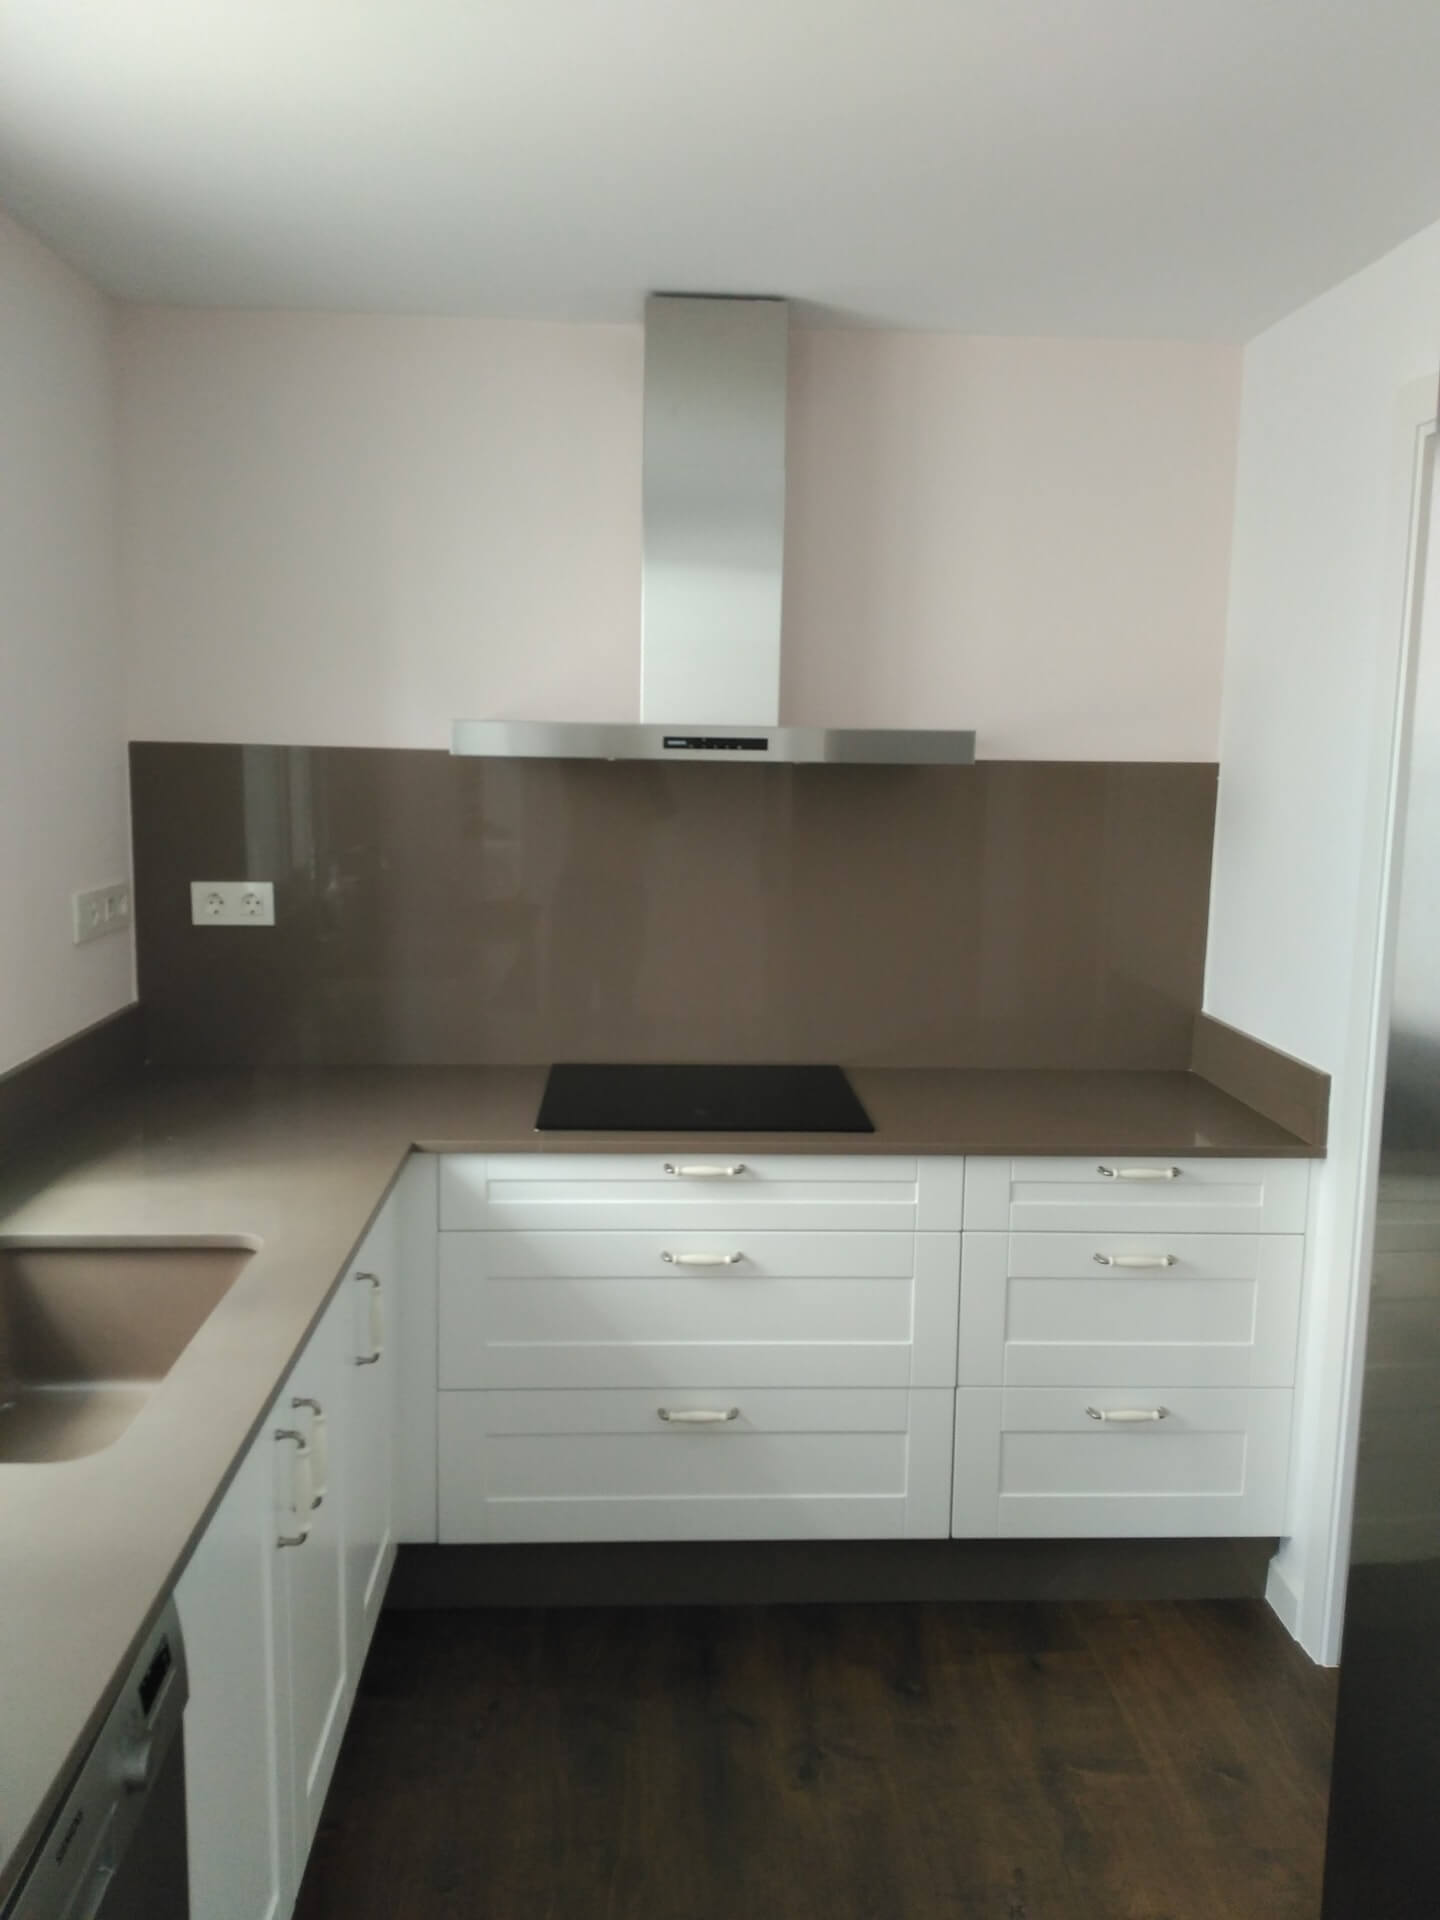 M dulos de cocina blanco mate - Muebles de cocina en valencia ...